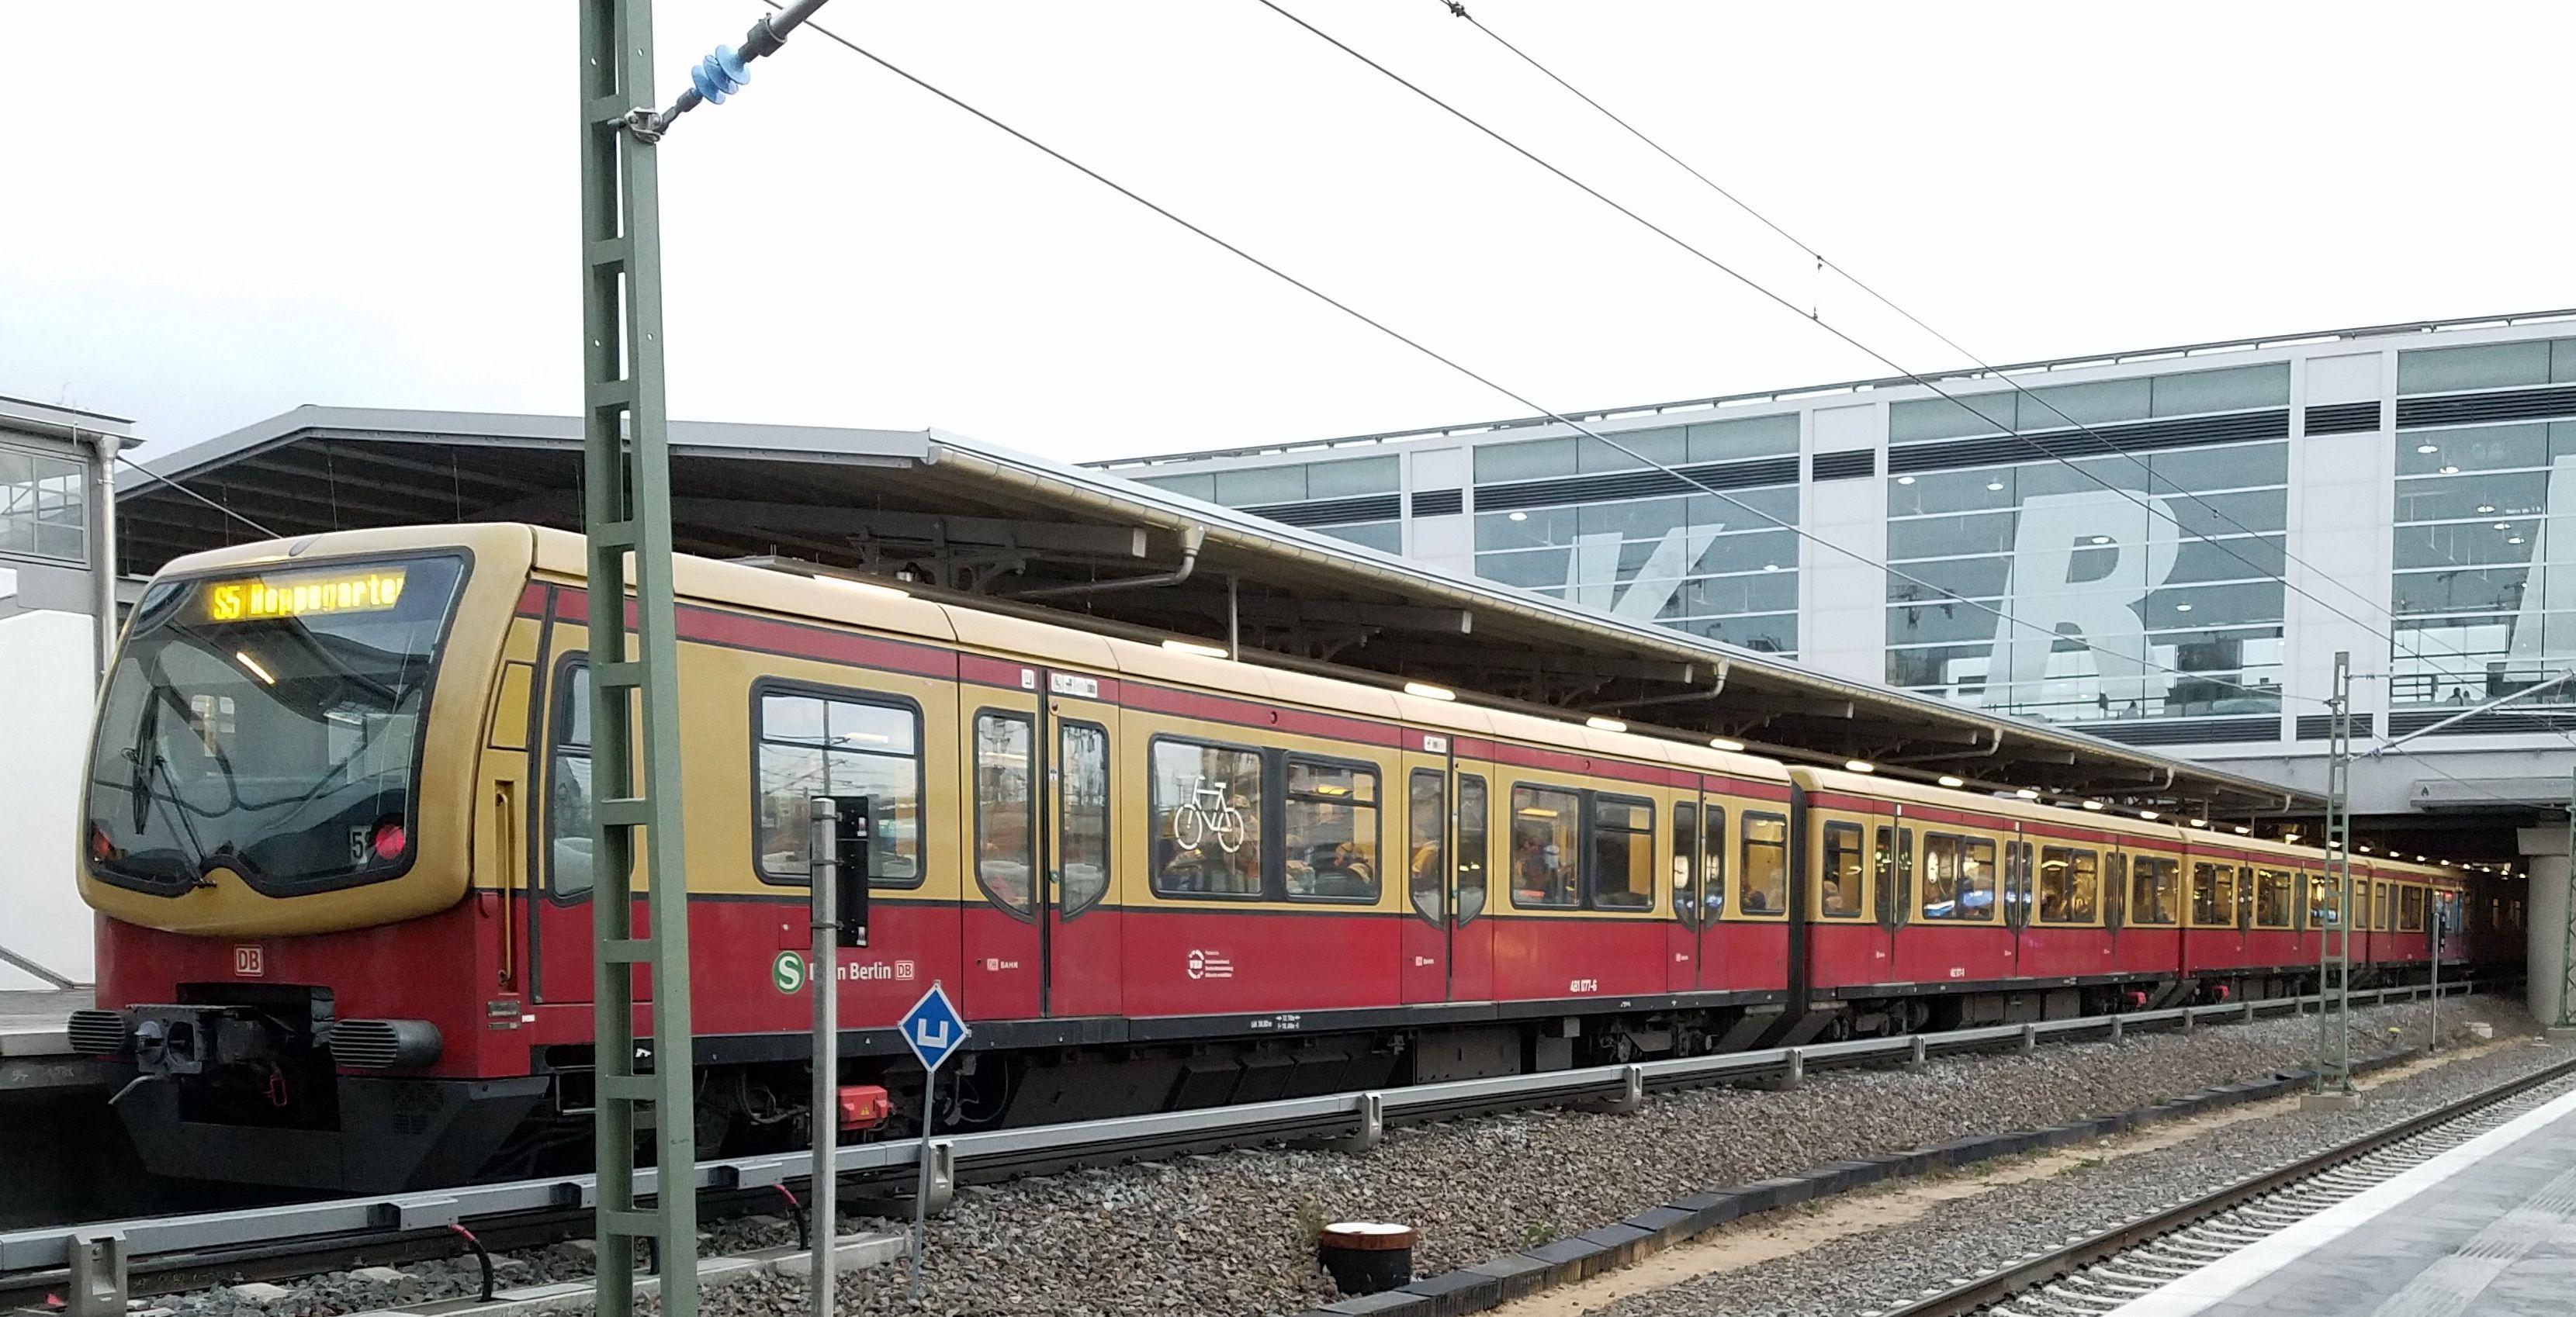 Foto:S-Bahn 481 077, Baureihe481/482, Ostkreuz, 2017